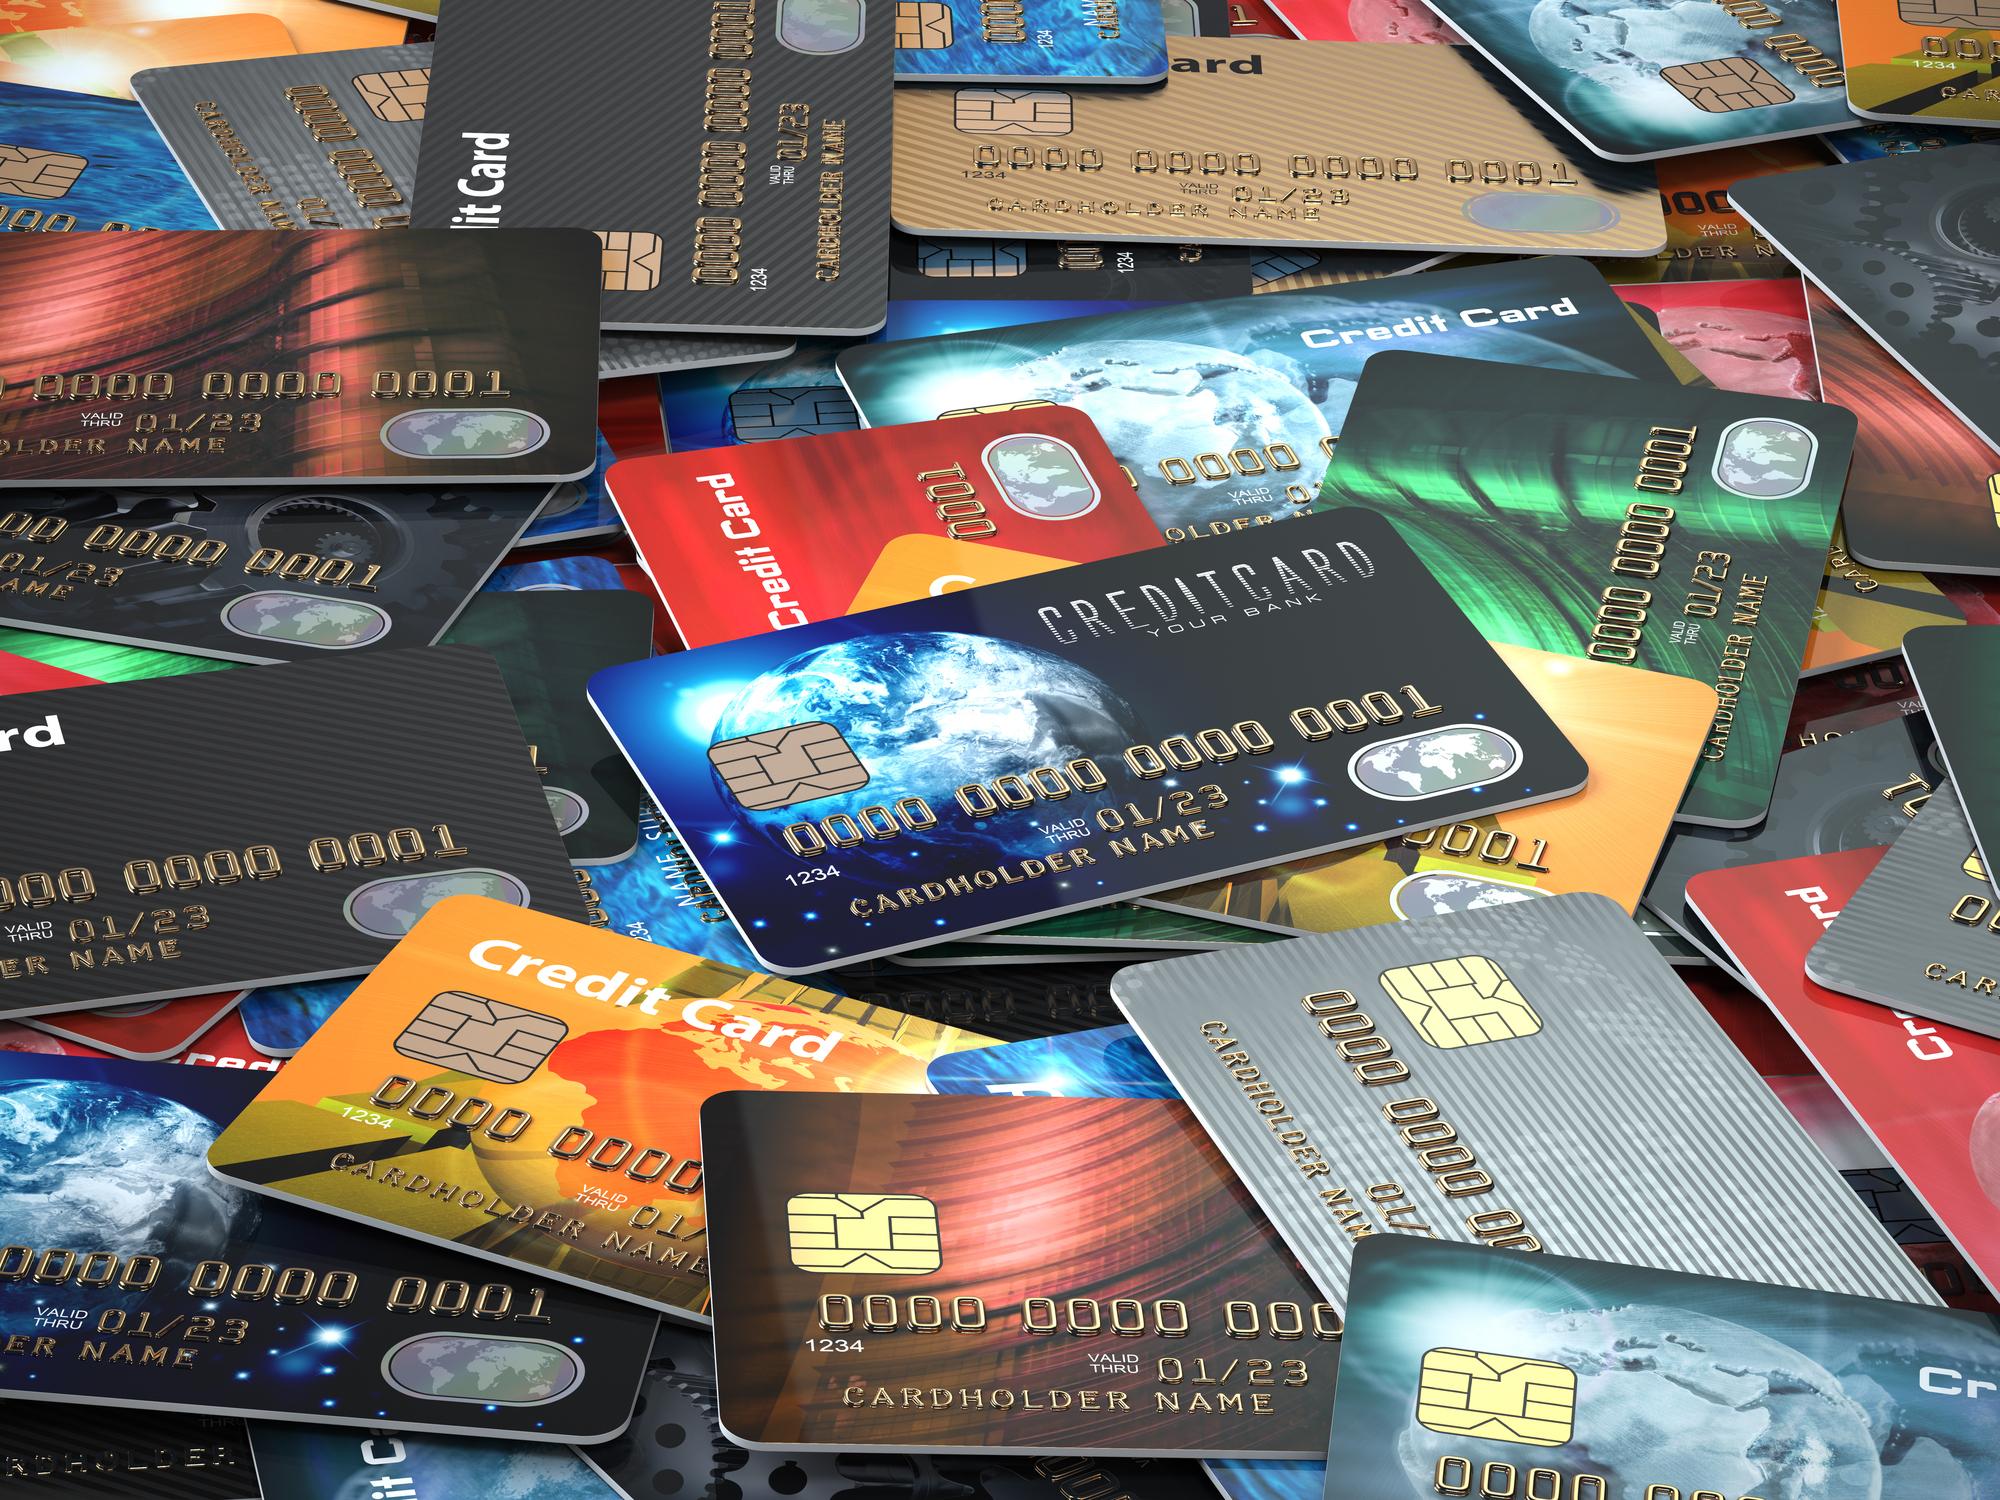 Krediter och kreditkort skapar möjligheter